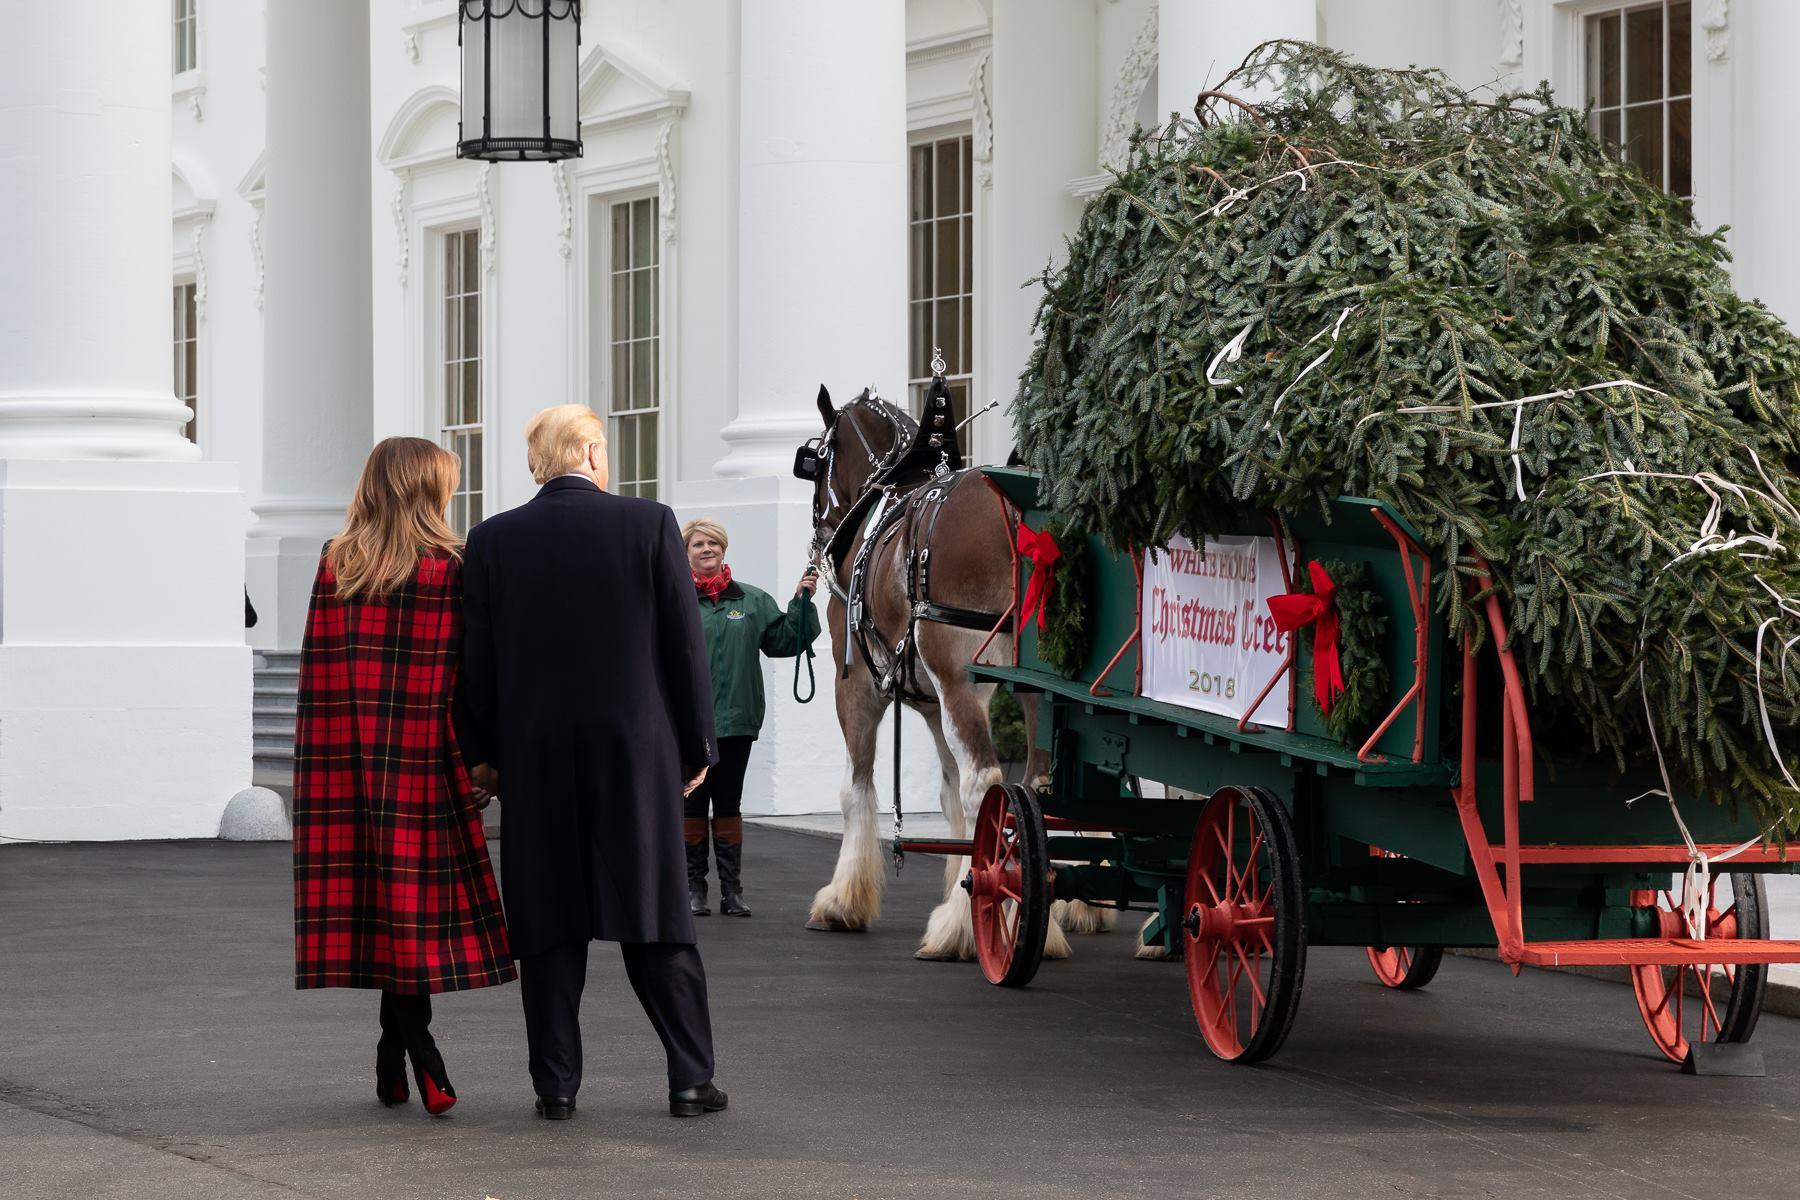 Donald y Melania Trump observando el árbol de navidad de la casa blanca, recién talado. Foto: The White House